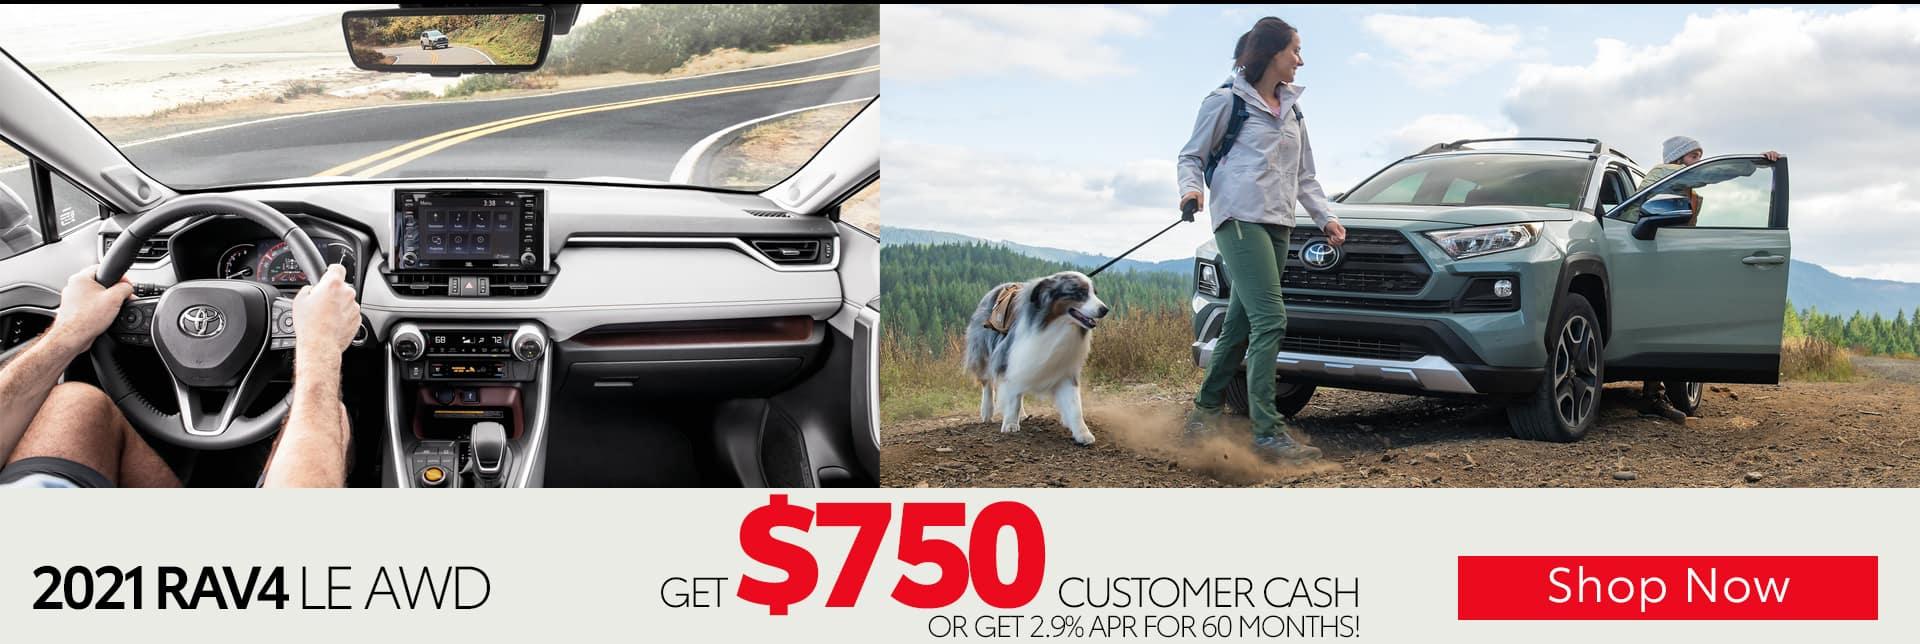 July RAV4 Get $750 Customer Cash